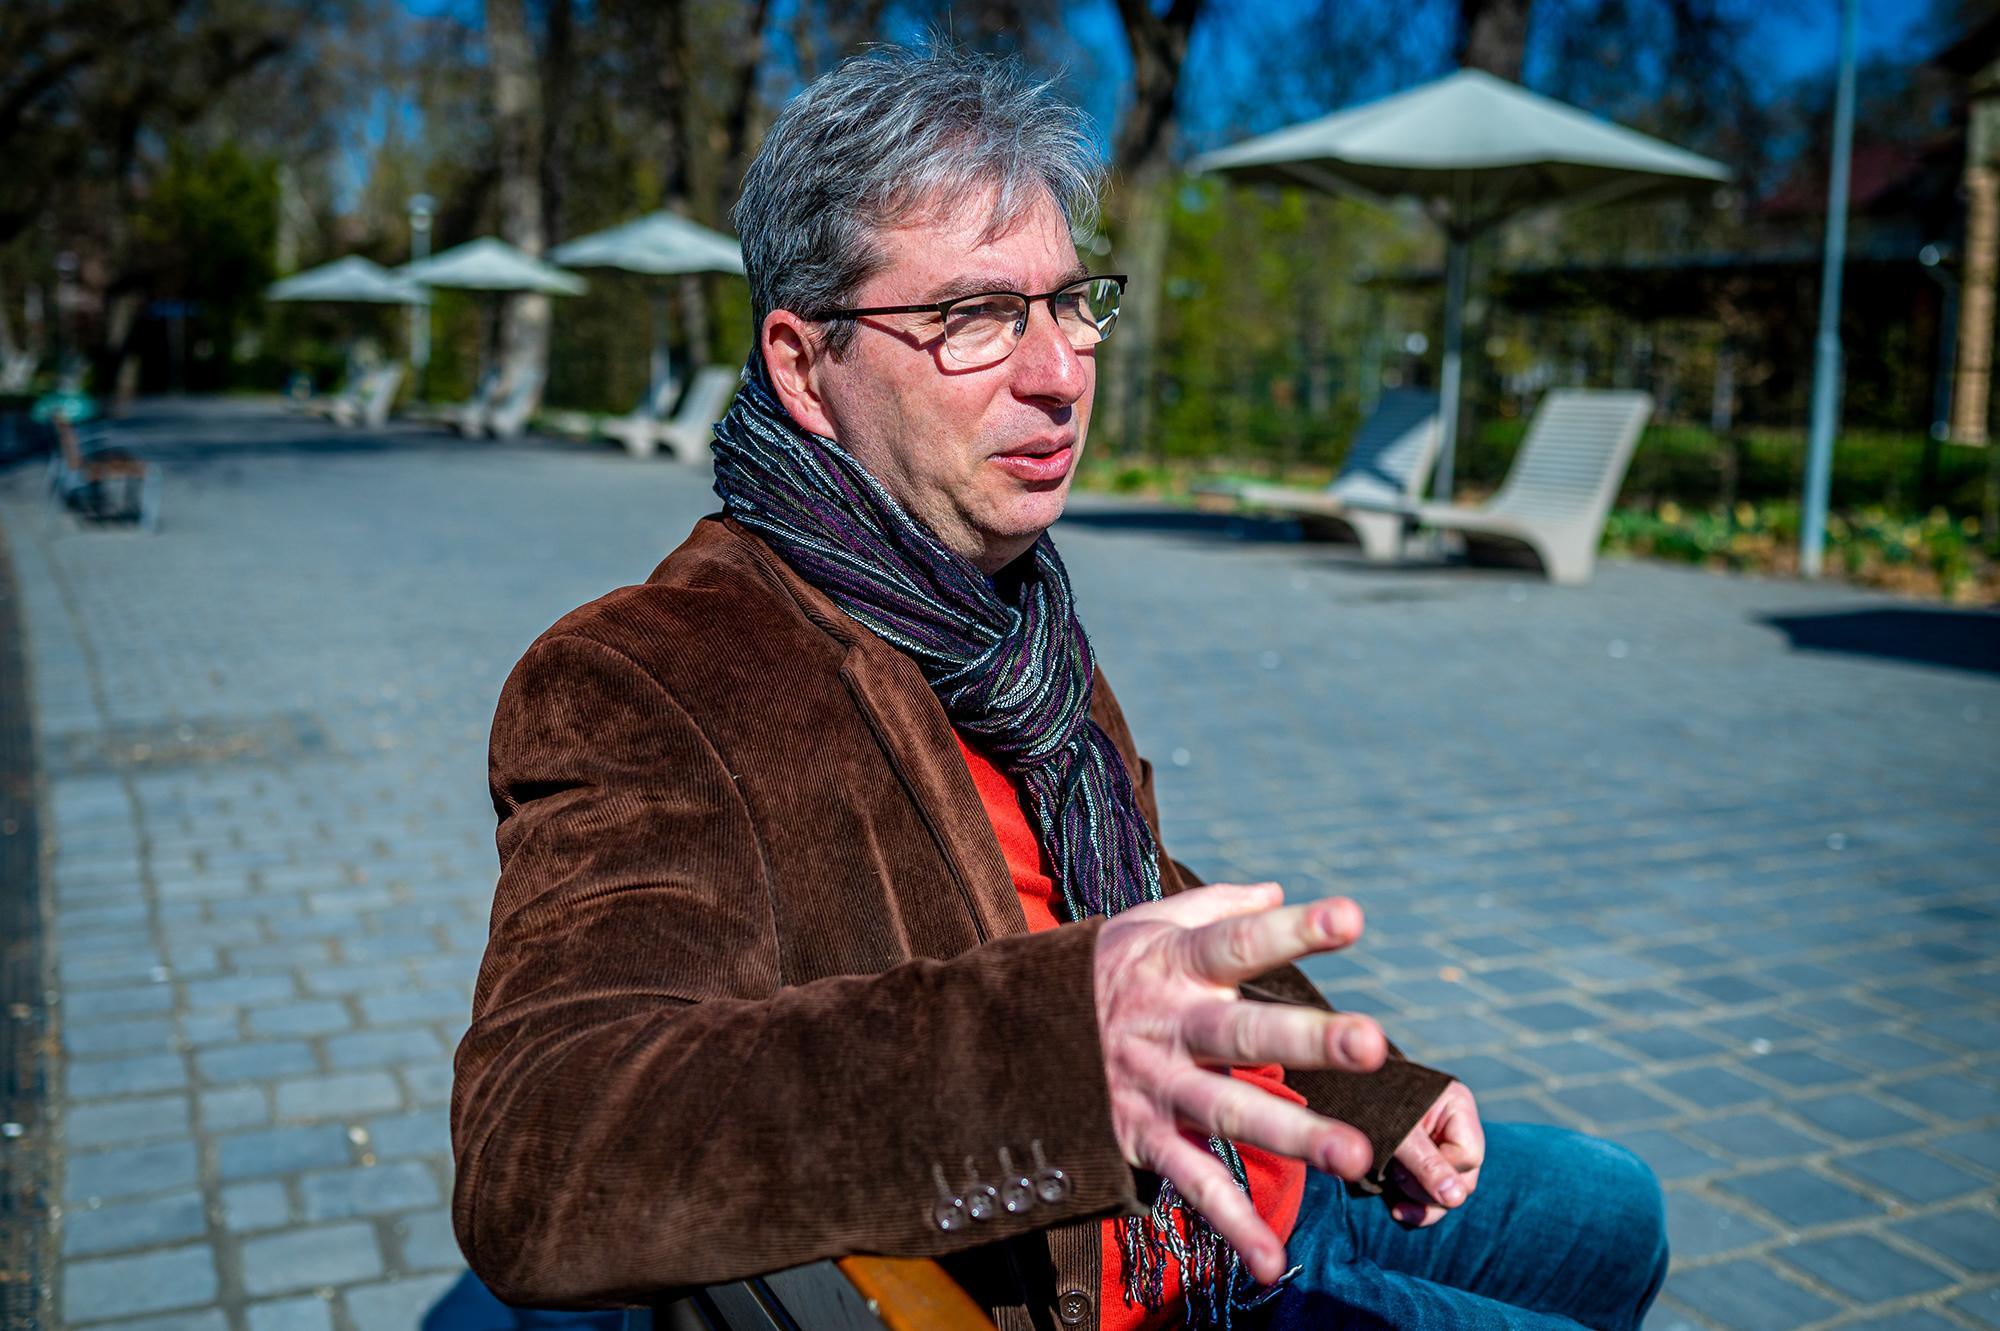 Schein Gábor: A kontrollvesztés nemcsak félelmetes, de felszabadító is